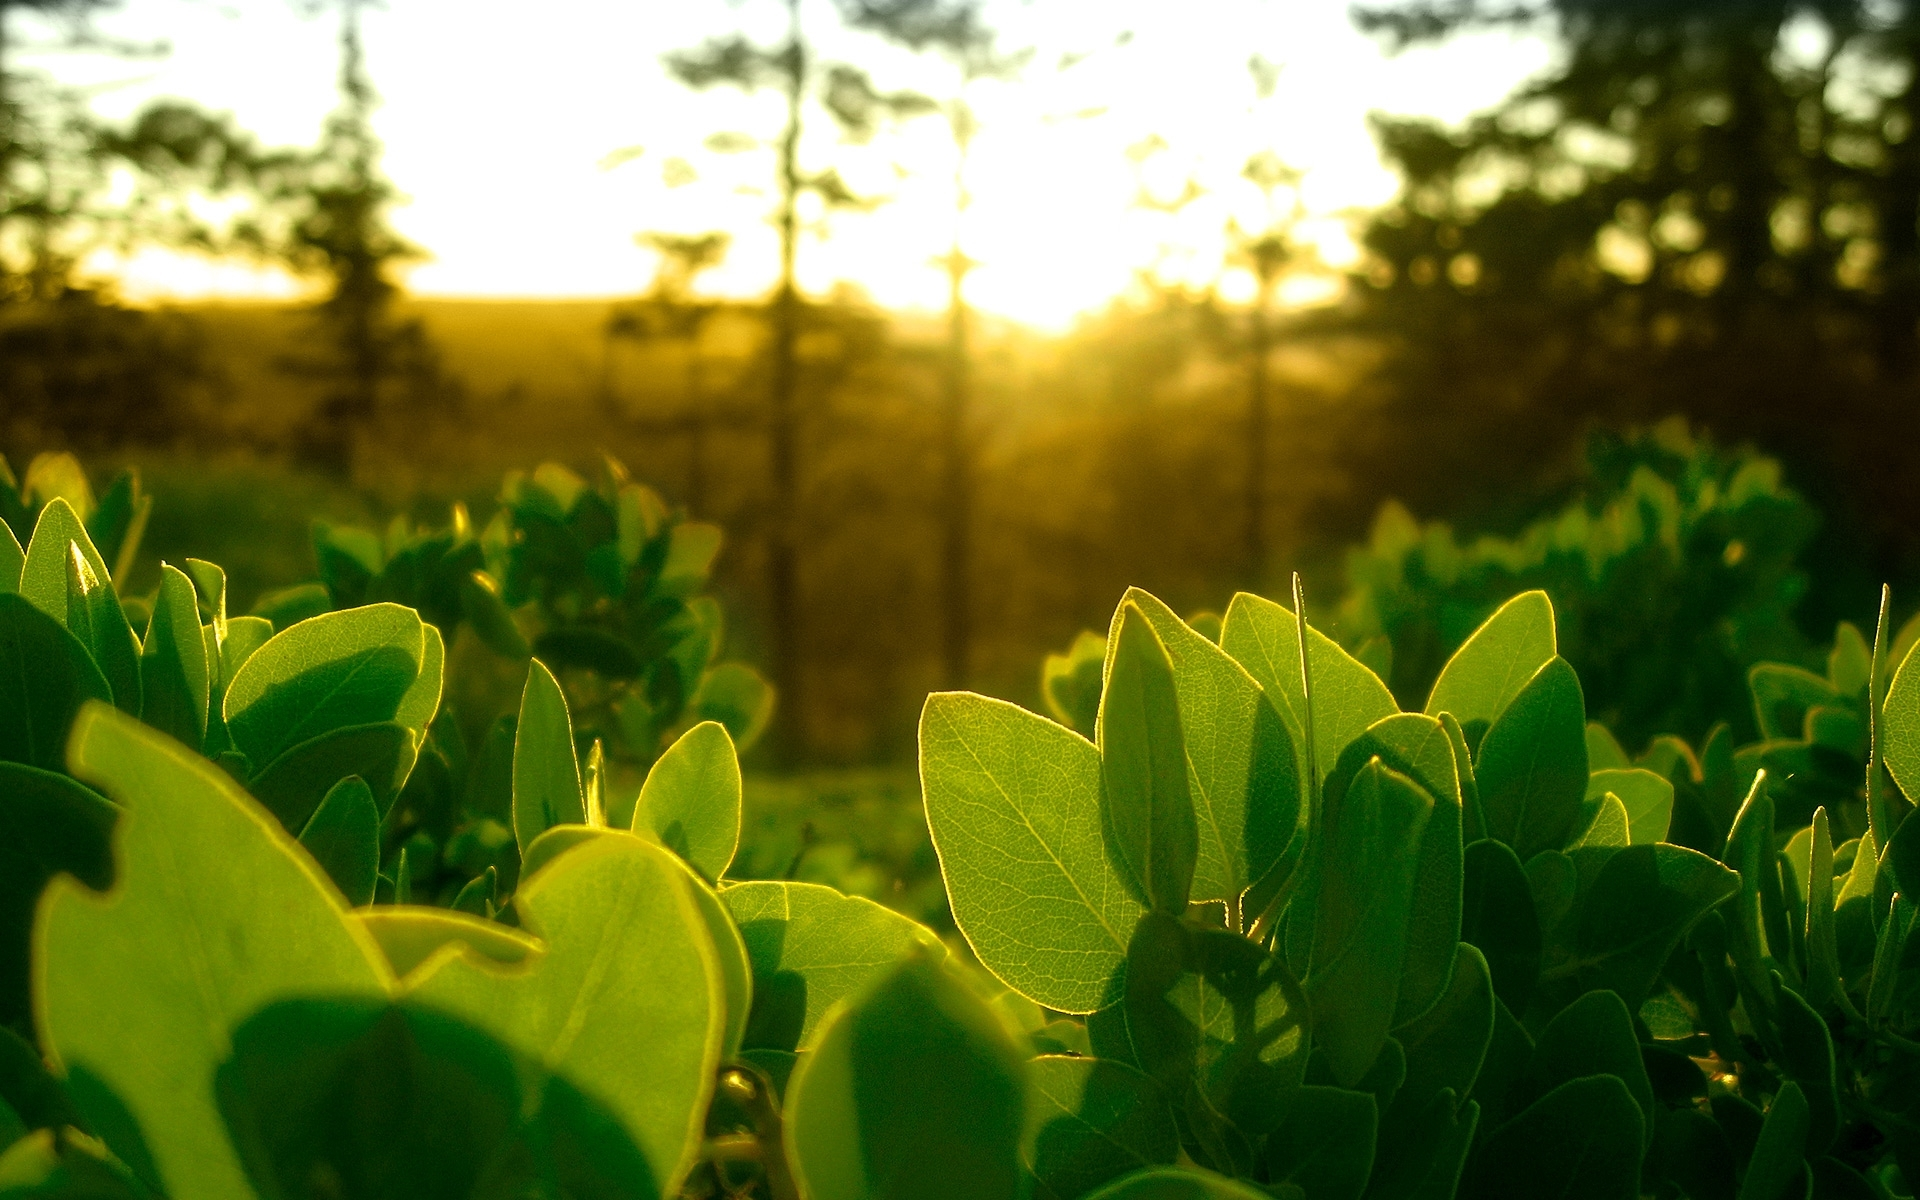 23939 скачать обои Растения, Листья, Солнце - заставки и картинки бесплатно